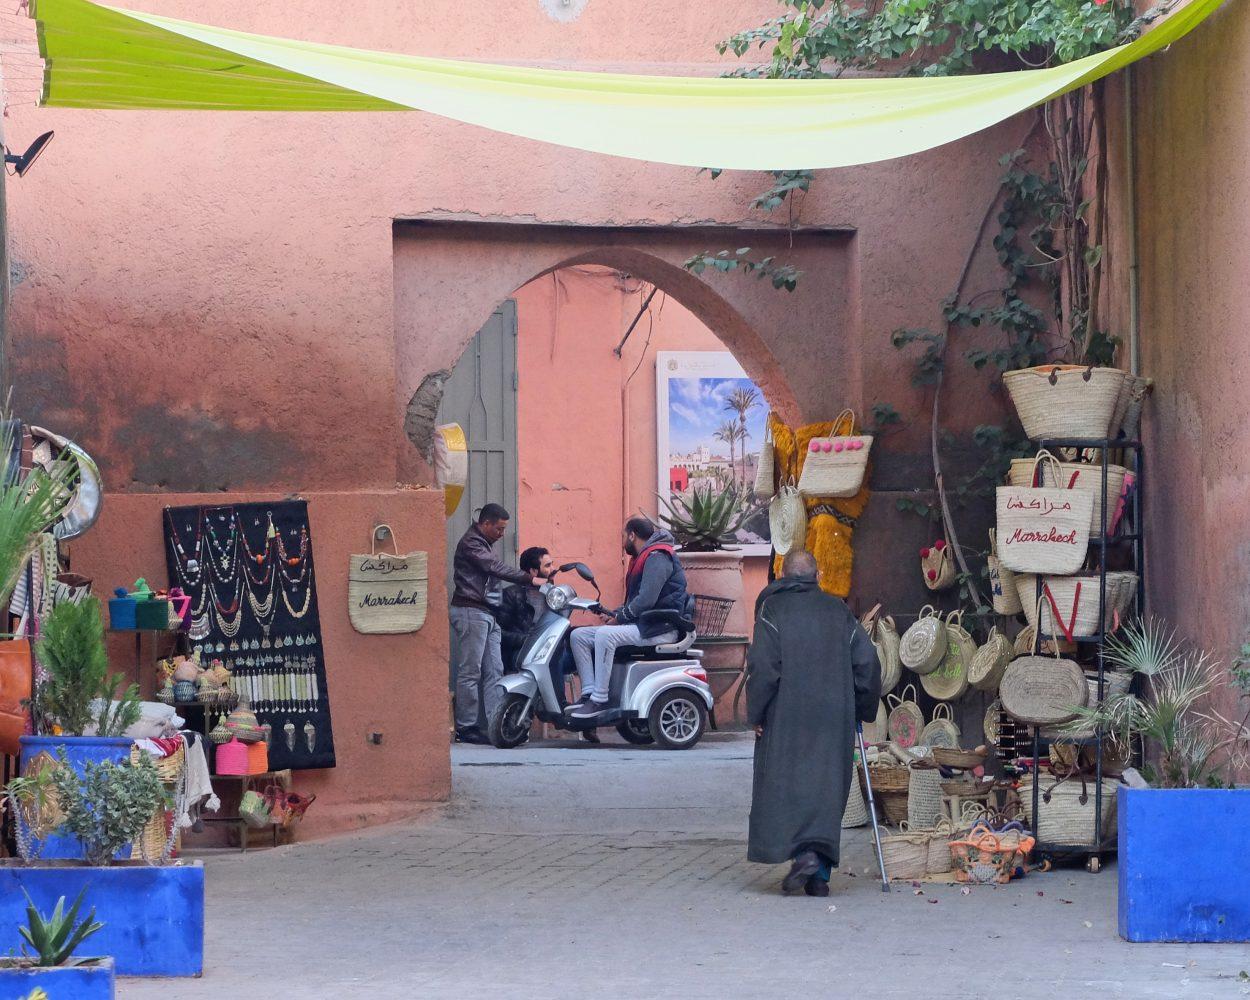 Fotografía. Jóvenes charlando en una calle de la medina de Marrakech, Marruecos